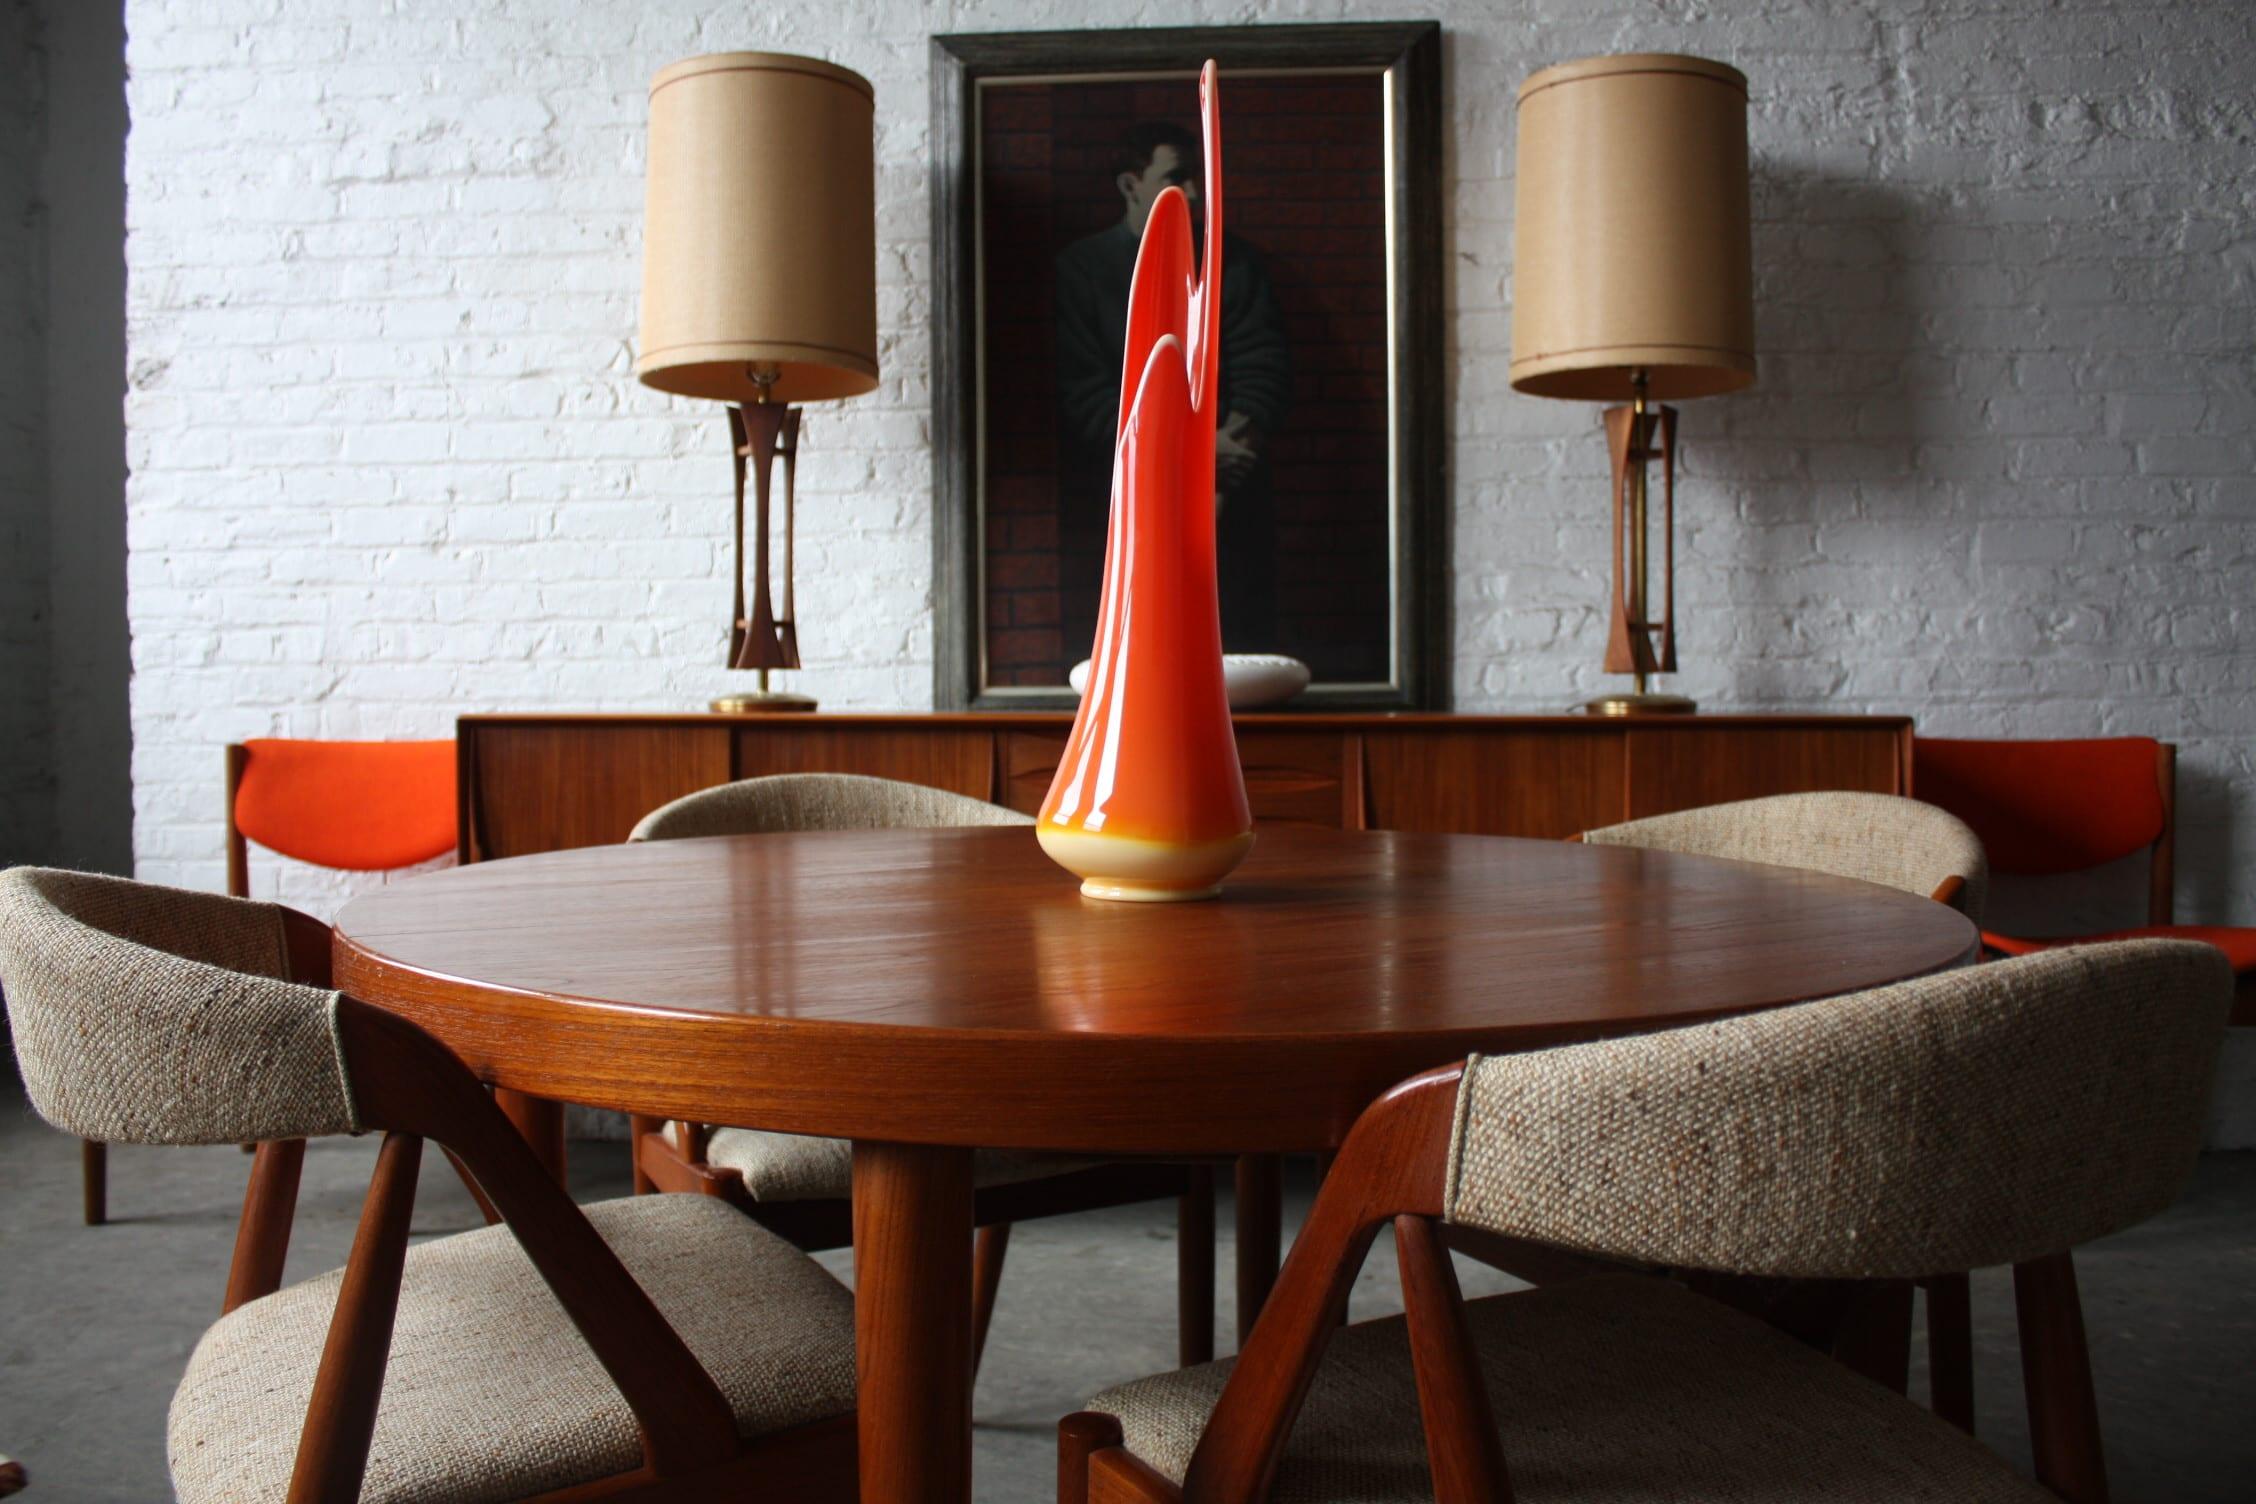 runder tisch aus holz mit esszimmerstühlen aus holz fürs esszimmer mit weißer ziegelwand und sideboard antik mit spiegel und tischlampen dekorieren